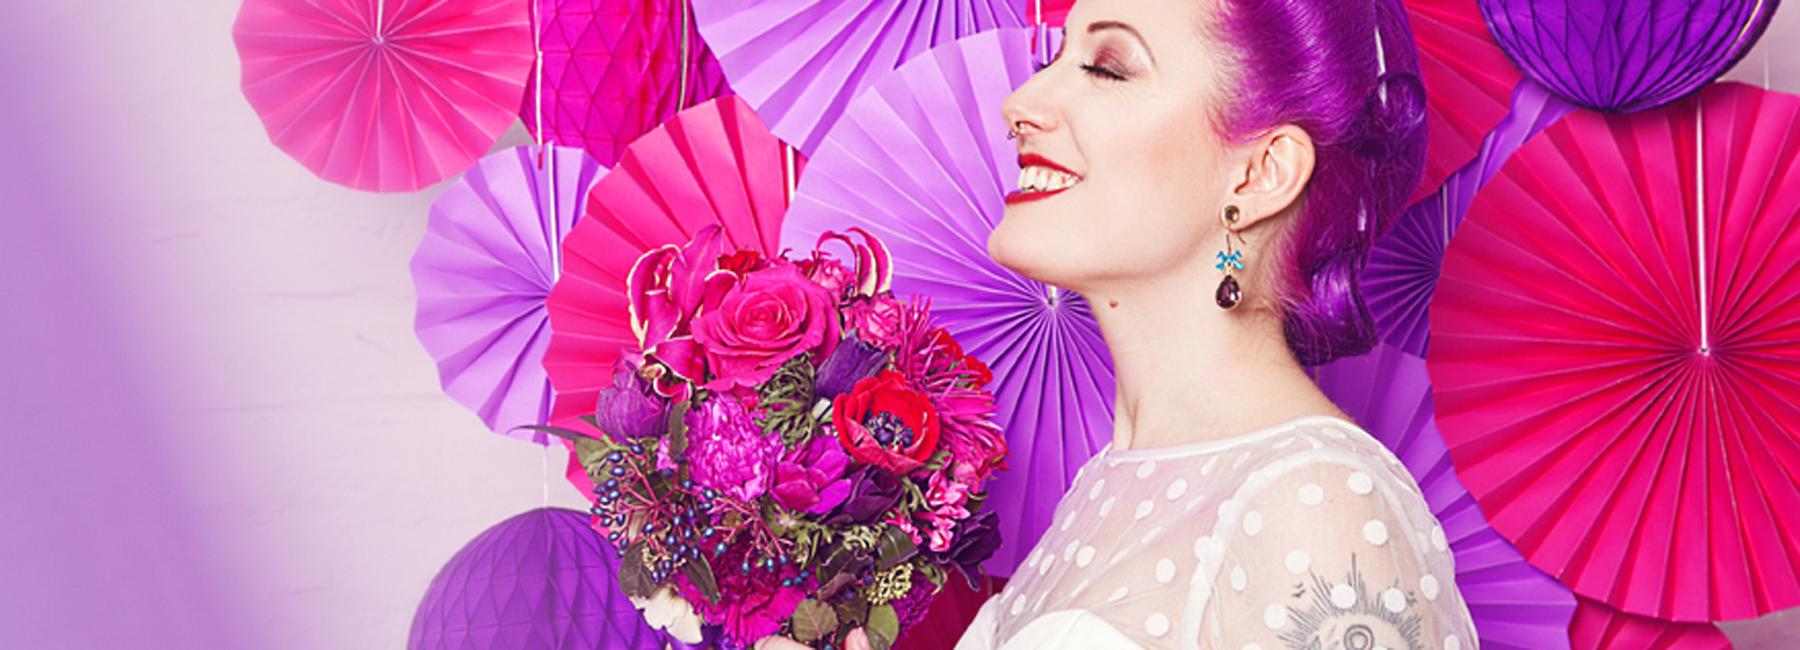 Für den schönsten Tag im Leben muss es das schönste Kleid sein! Deshalb finden Sie in unserem Onlineshop eine mit besonders viel Liebe ausgewählte Kollektion von romantischen Vintage Brautkleidern – in edlem Creme oder Weiß, mit Petticoat und Spitze.